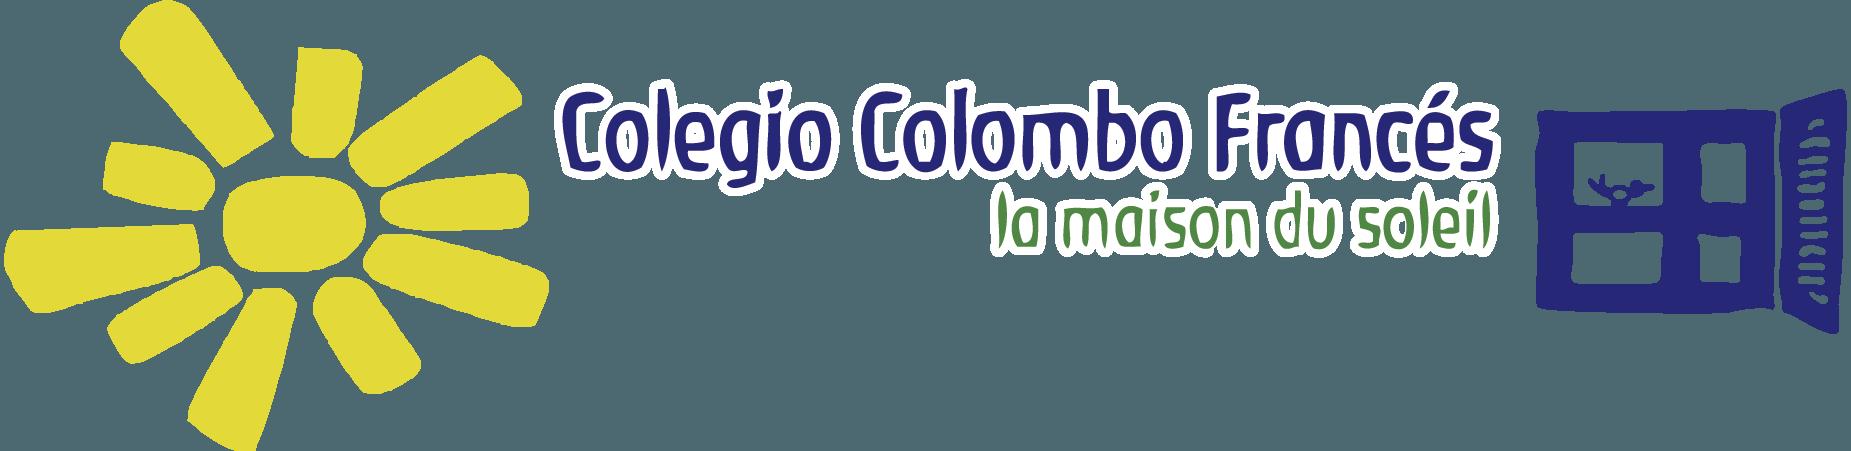 logos-clientes-ColegioColomboFrances